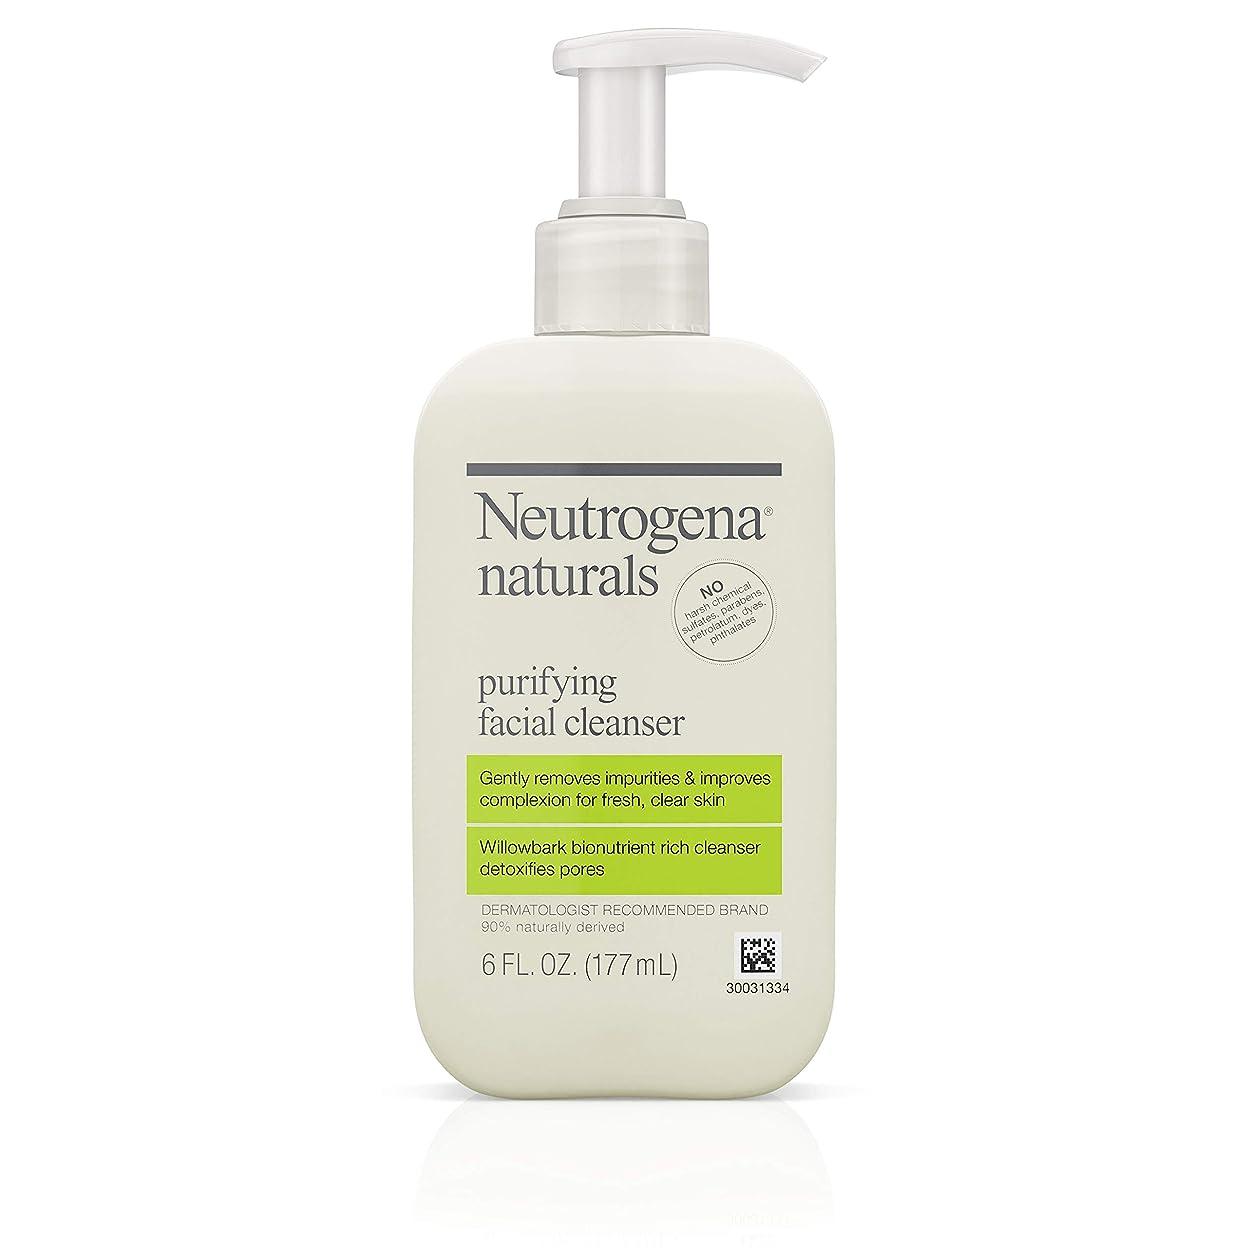 漂流どこか翻訳者Neutrogena Naturals Purifying Facial Cleanser 175 ml (並行輸入品)